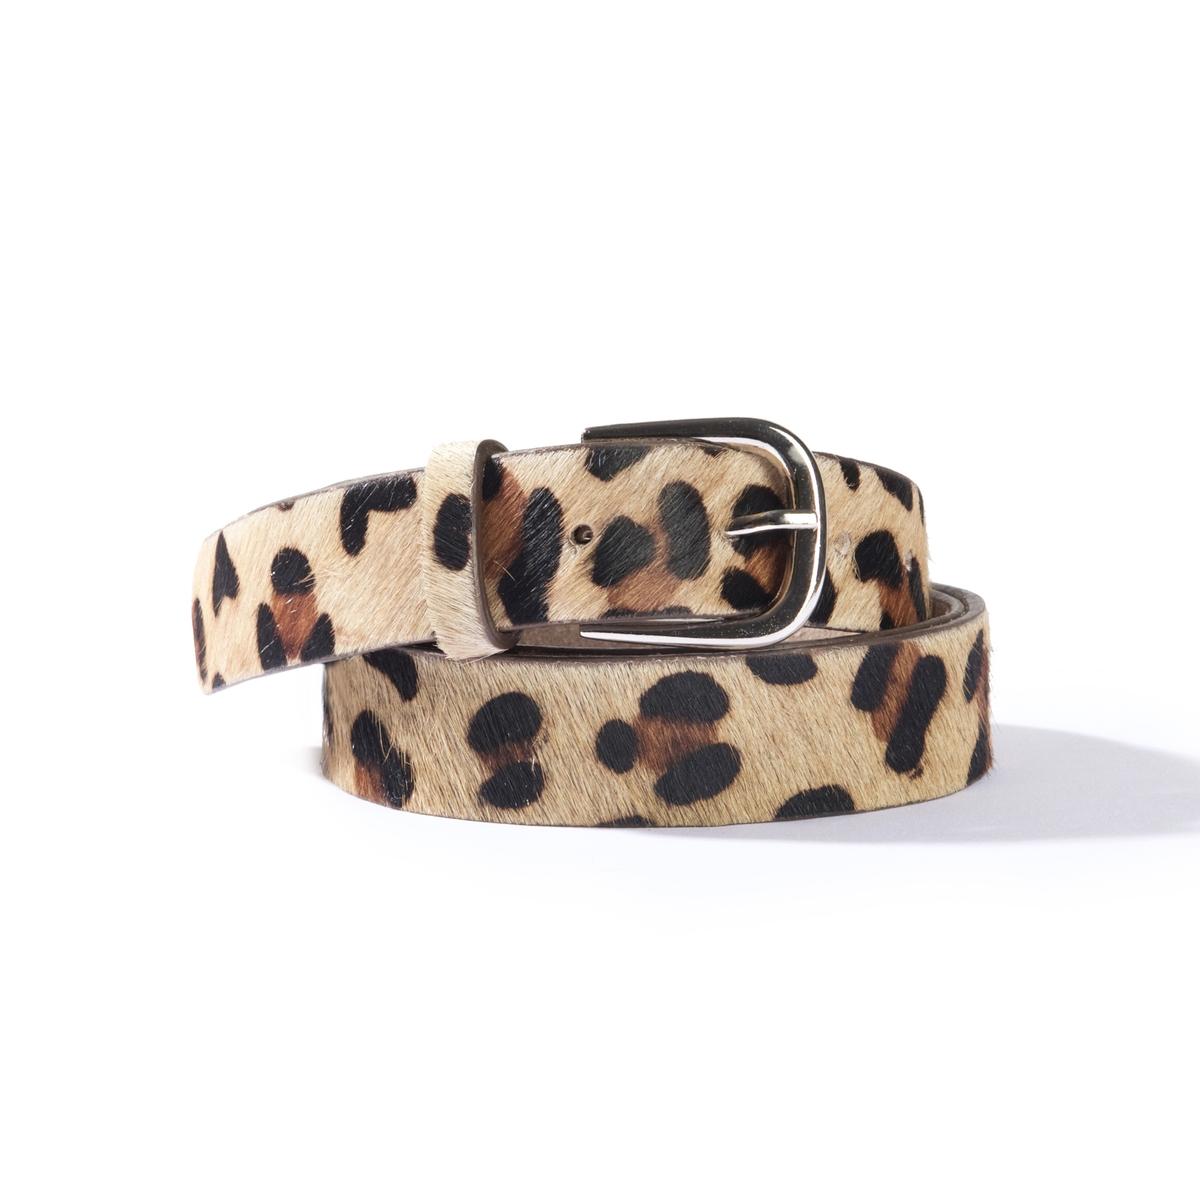 Ремень кожаный с леопардовым рисункомМодный кожаный ремень с красивым леопардовым рисунком !Состав и описание : Материал : яловичная кожа Марка : R Studio.Размер :  ширина 3 см Застежка : пряжка.<br><br>Цвет: леопардовый рисунок